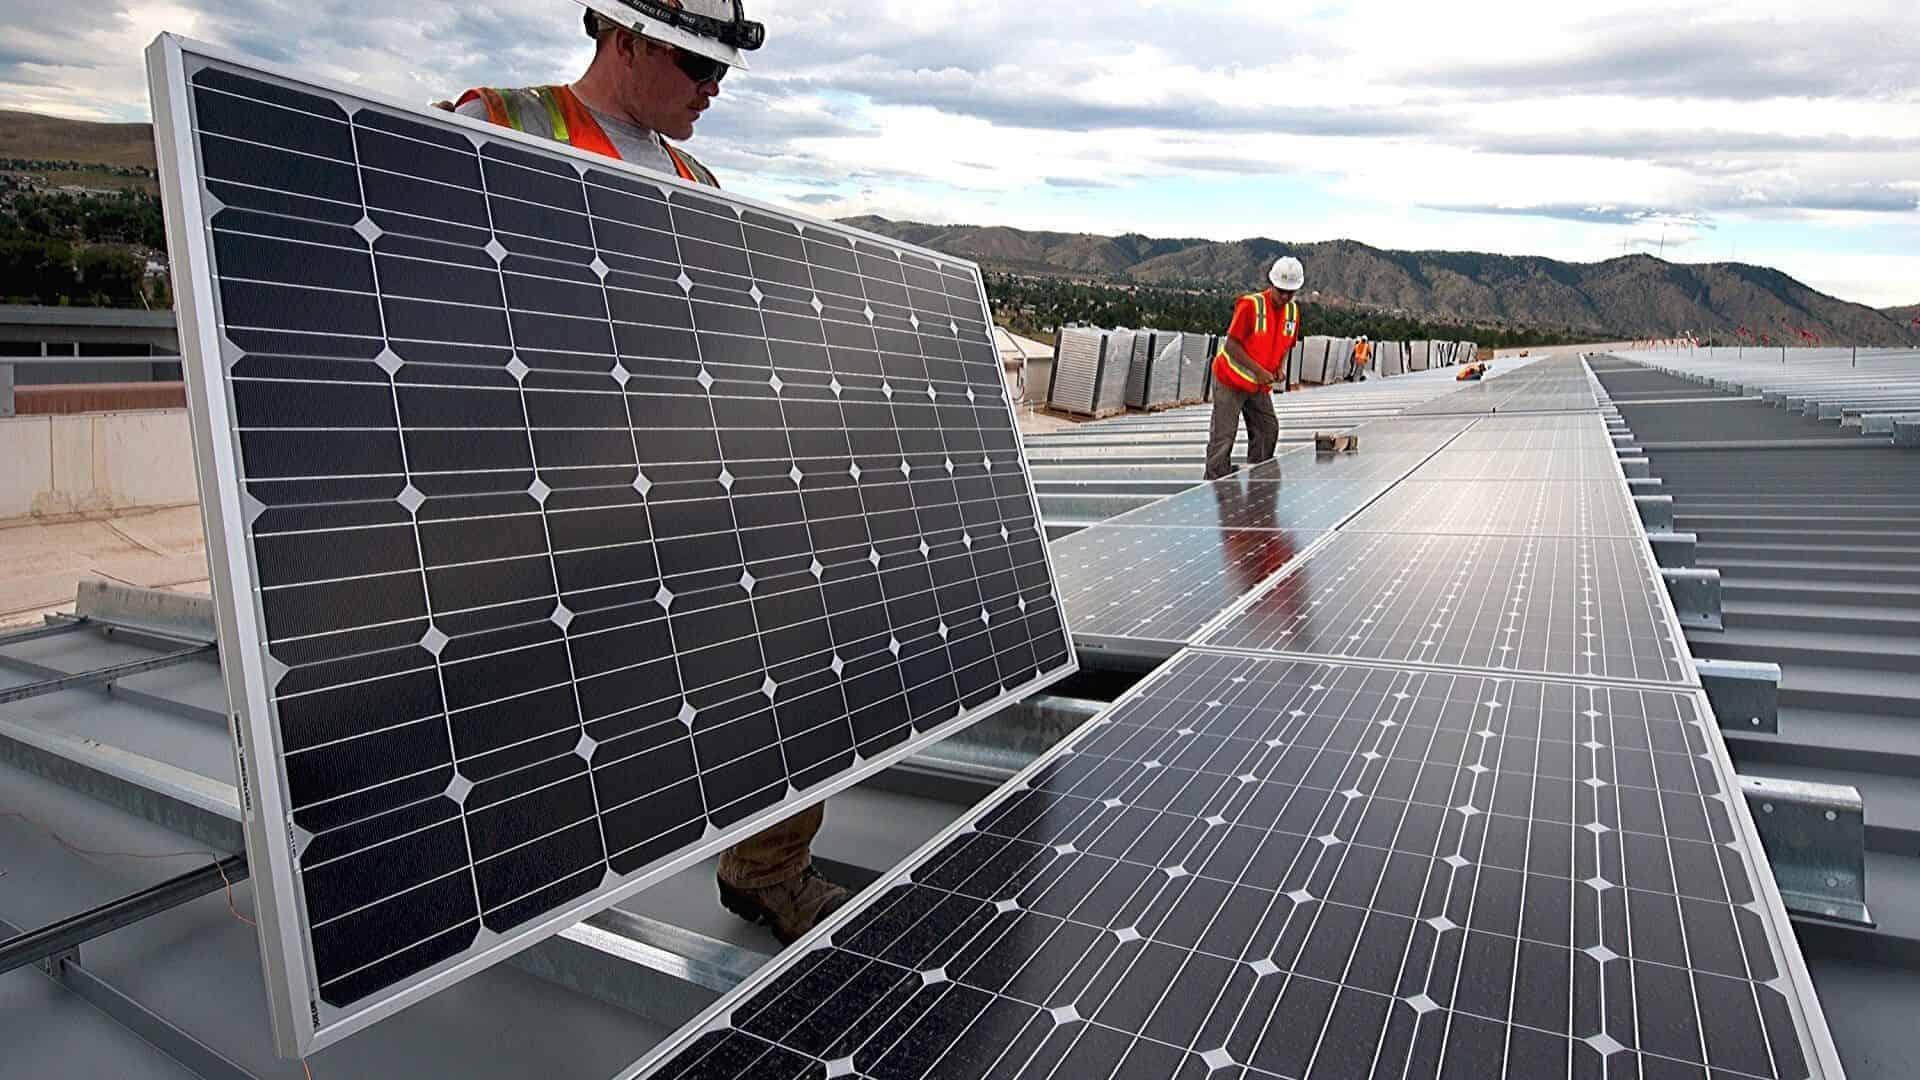 Wat zijn duurzame energiebronnen? 9 voorbeelden & tips voor thuis